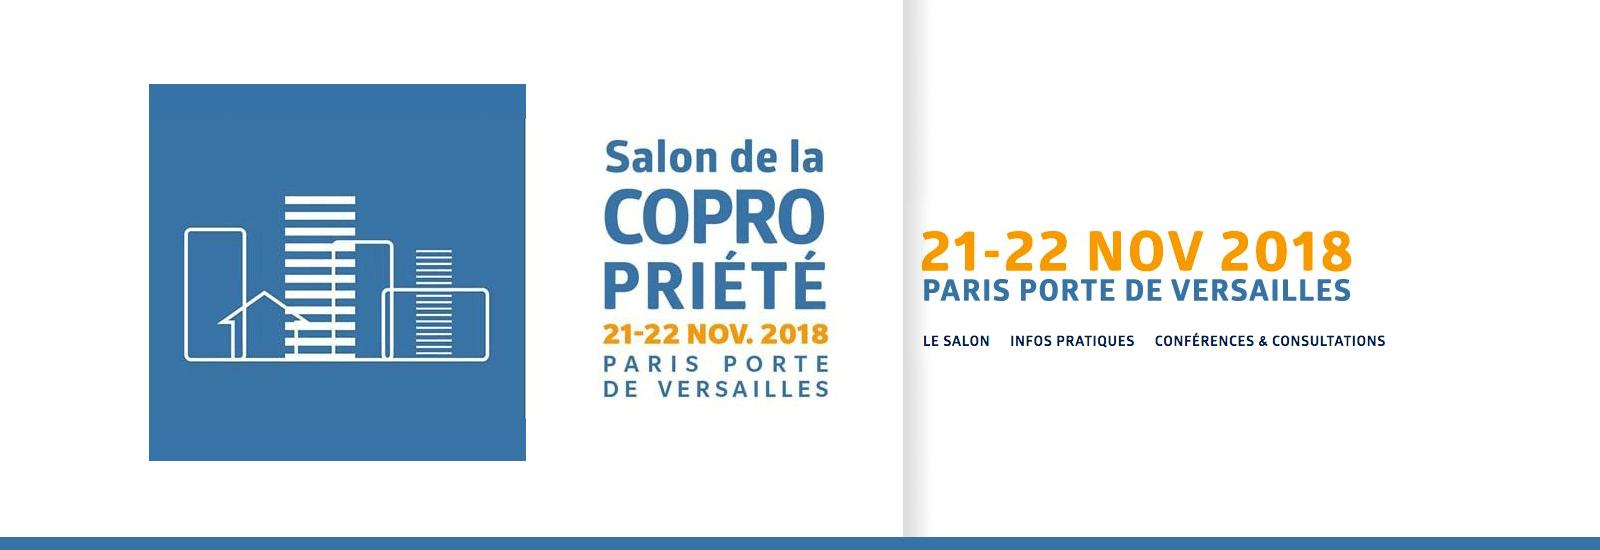 Salon de la copropriété 2018